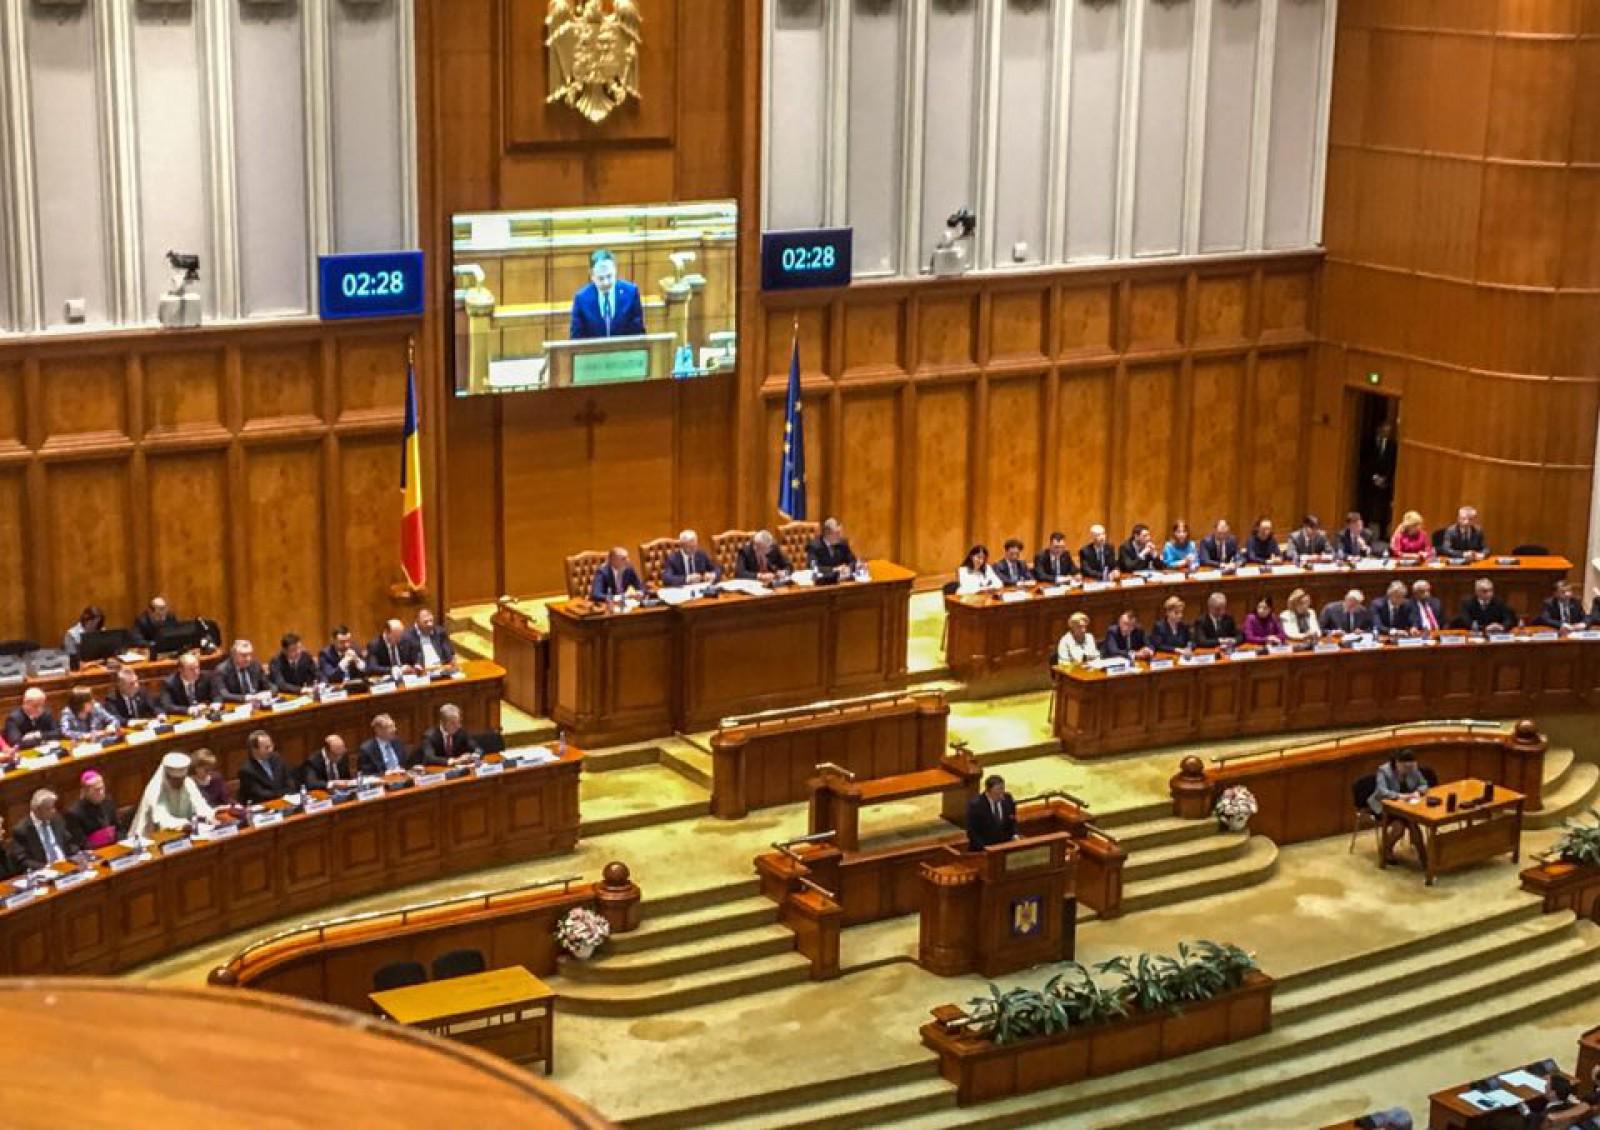 """(video/update) """"Declaraţia solemnă pentru celebrarea unirii Basarabiei cu Ţara Mamă"""", votată simbolic în Parlamentul României. UDMR s-a abținut la vot"""